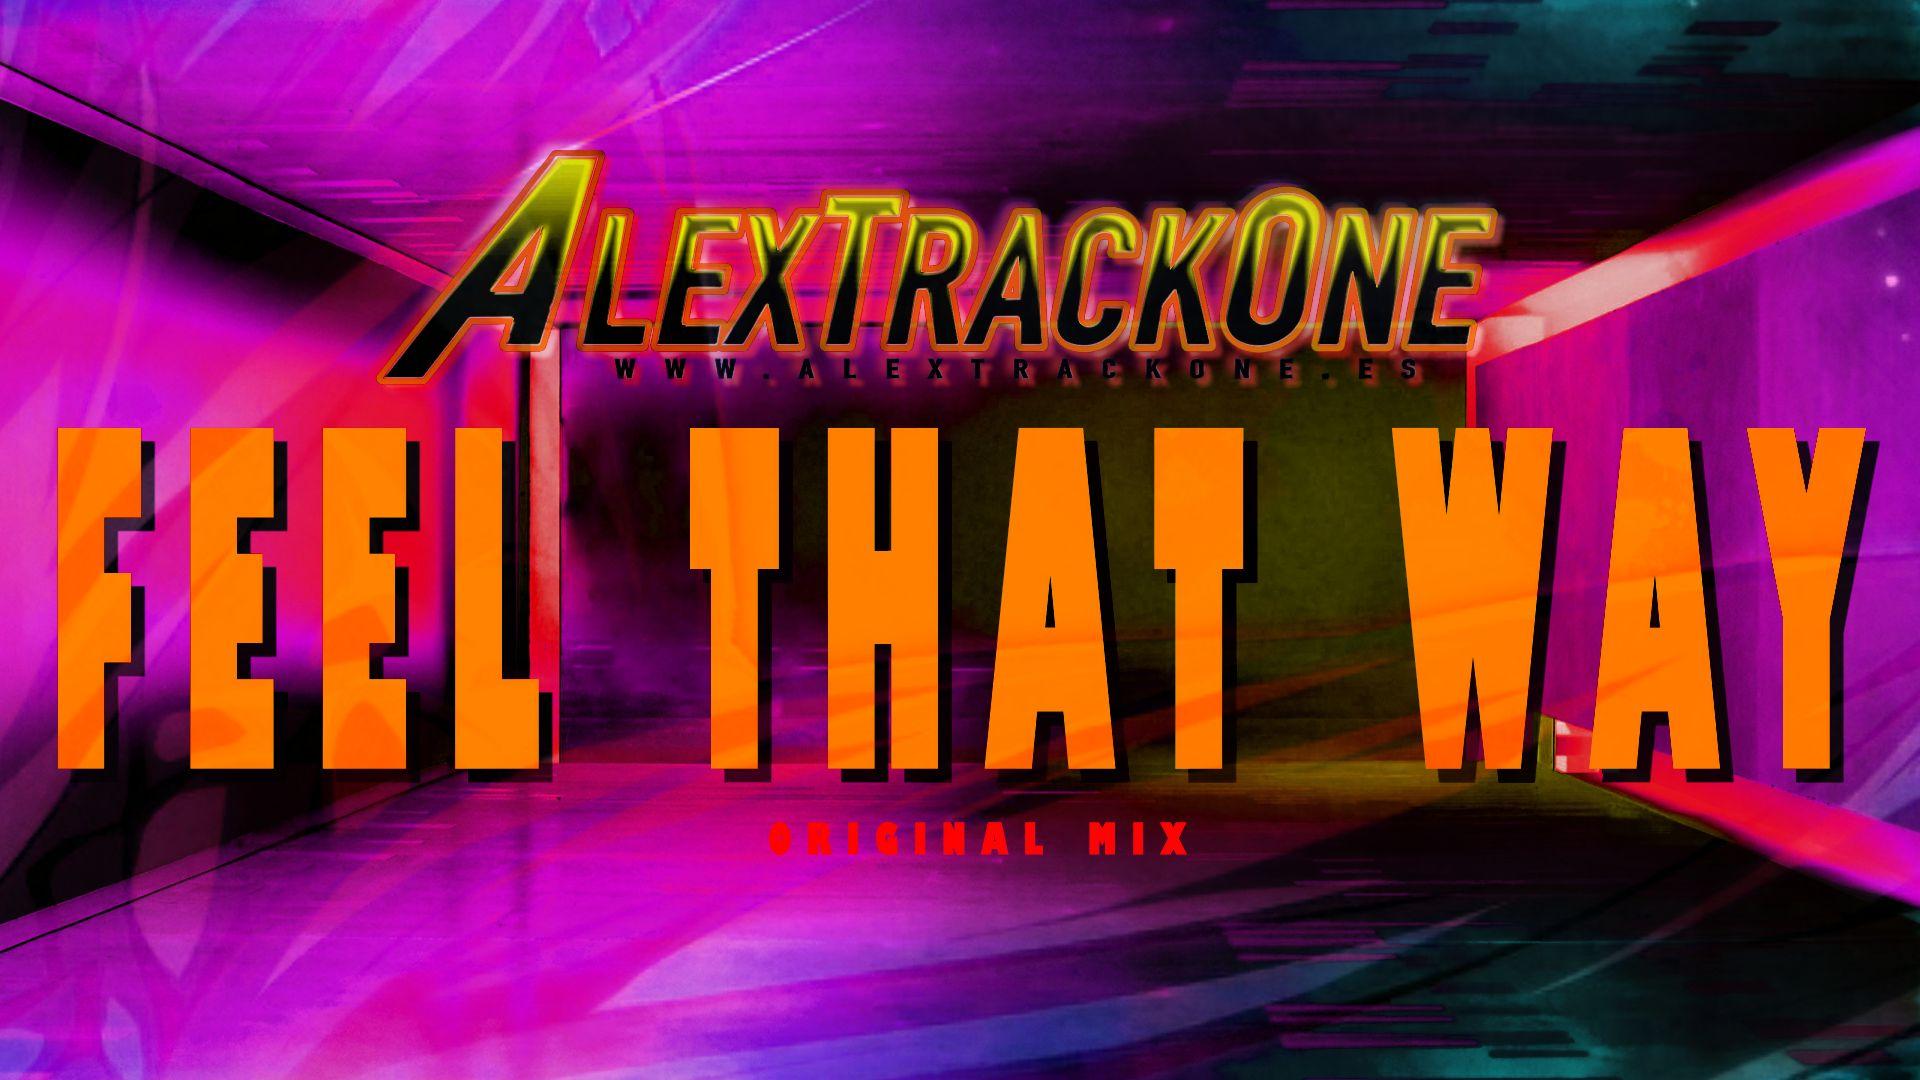 FEEL THAT WAY -Original Mix-